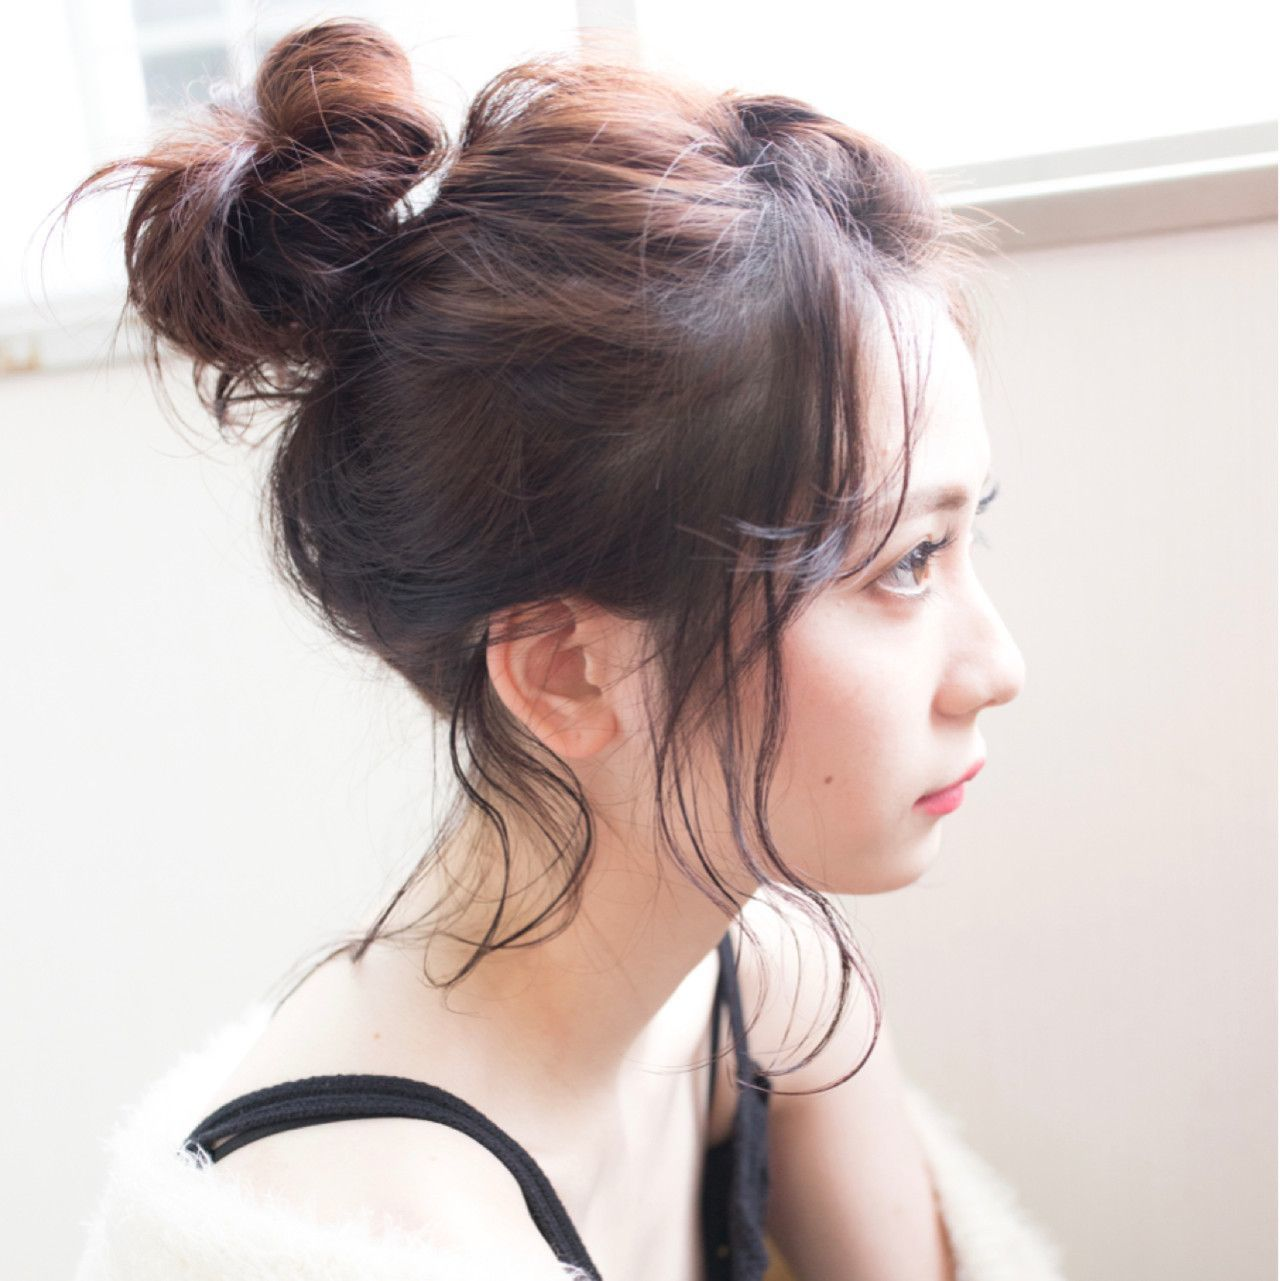 ミディアムさん必見!】春のかわいい髪型紹介しちゃいます♡ | arine